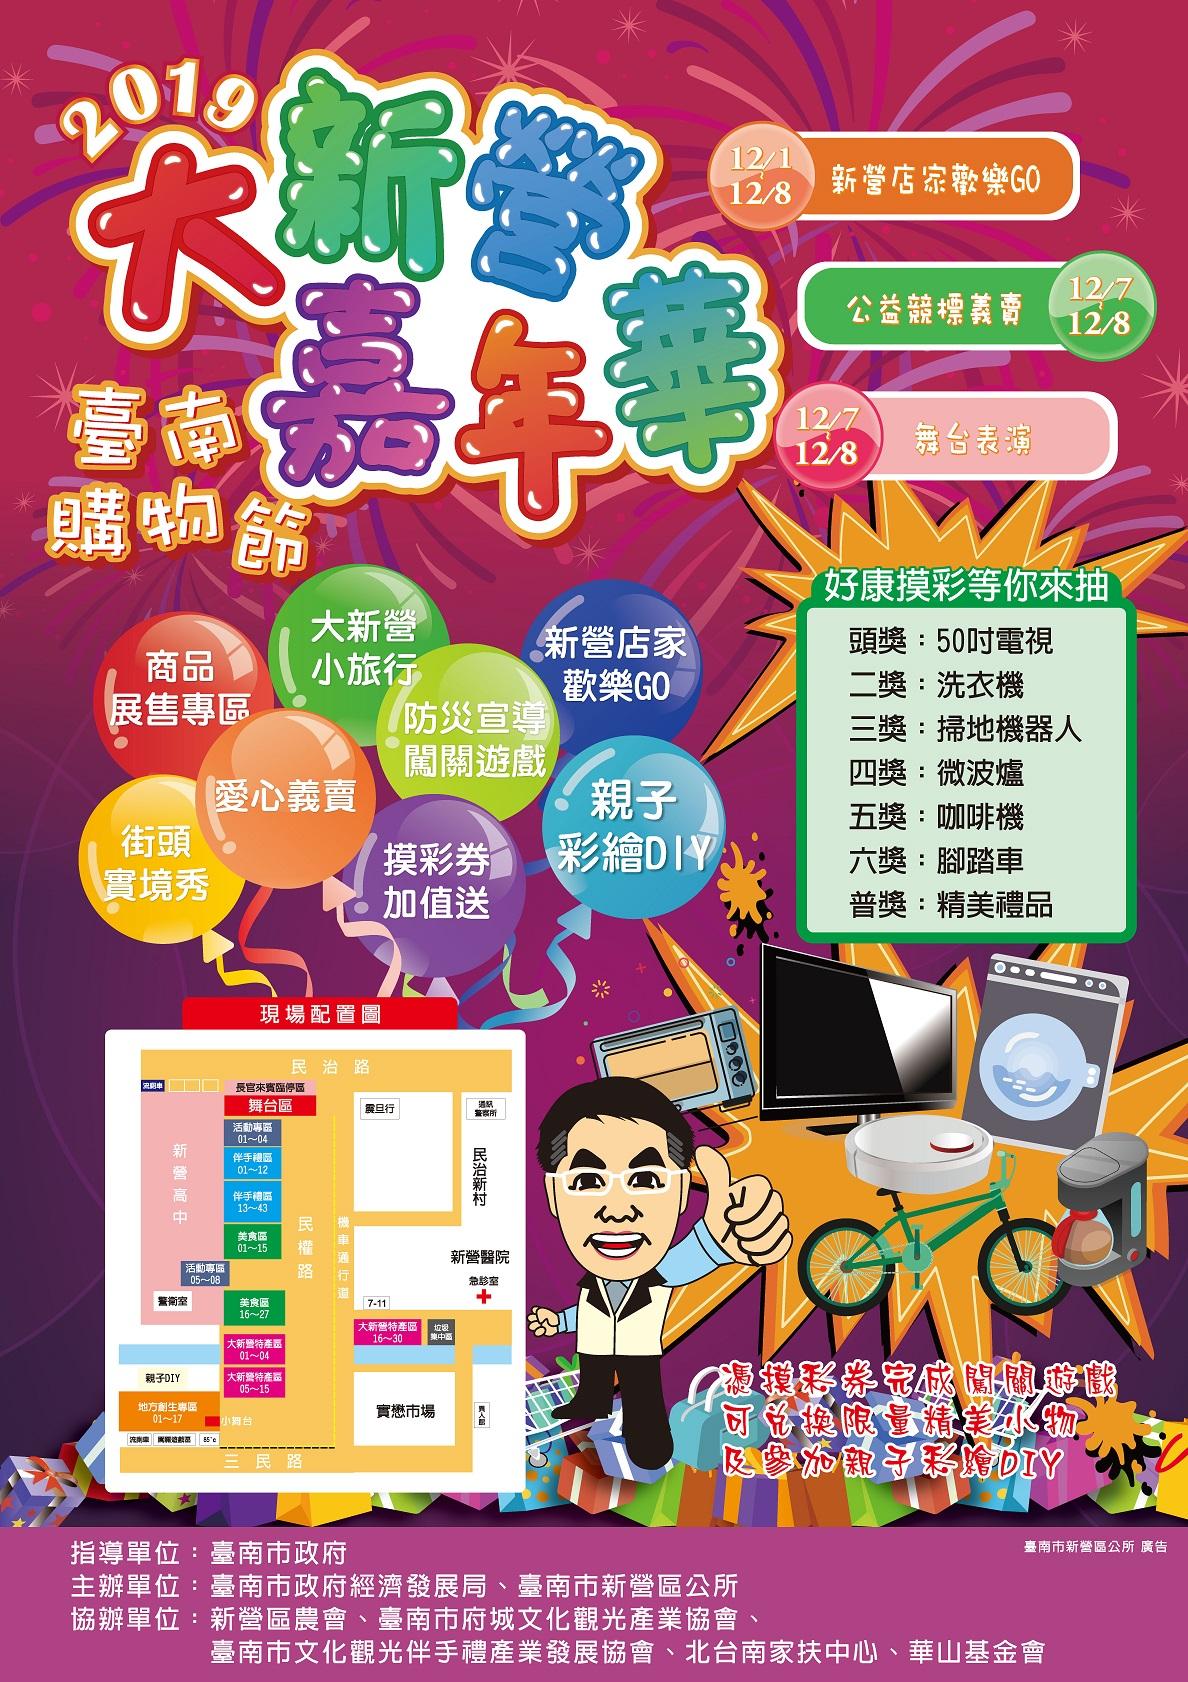 協助宣導「2019臺南購物節大新營嘉年華活動」  0